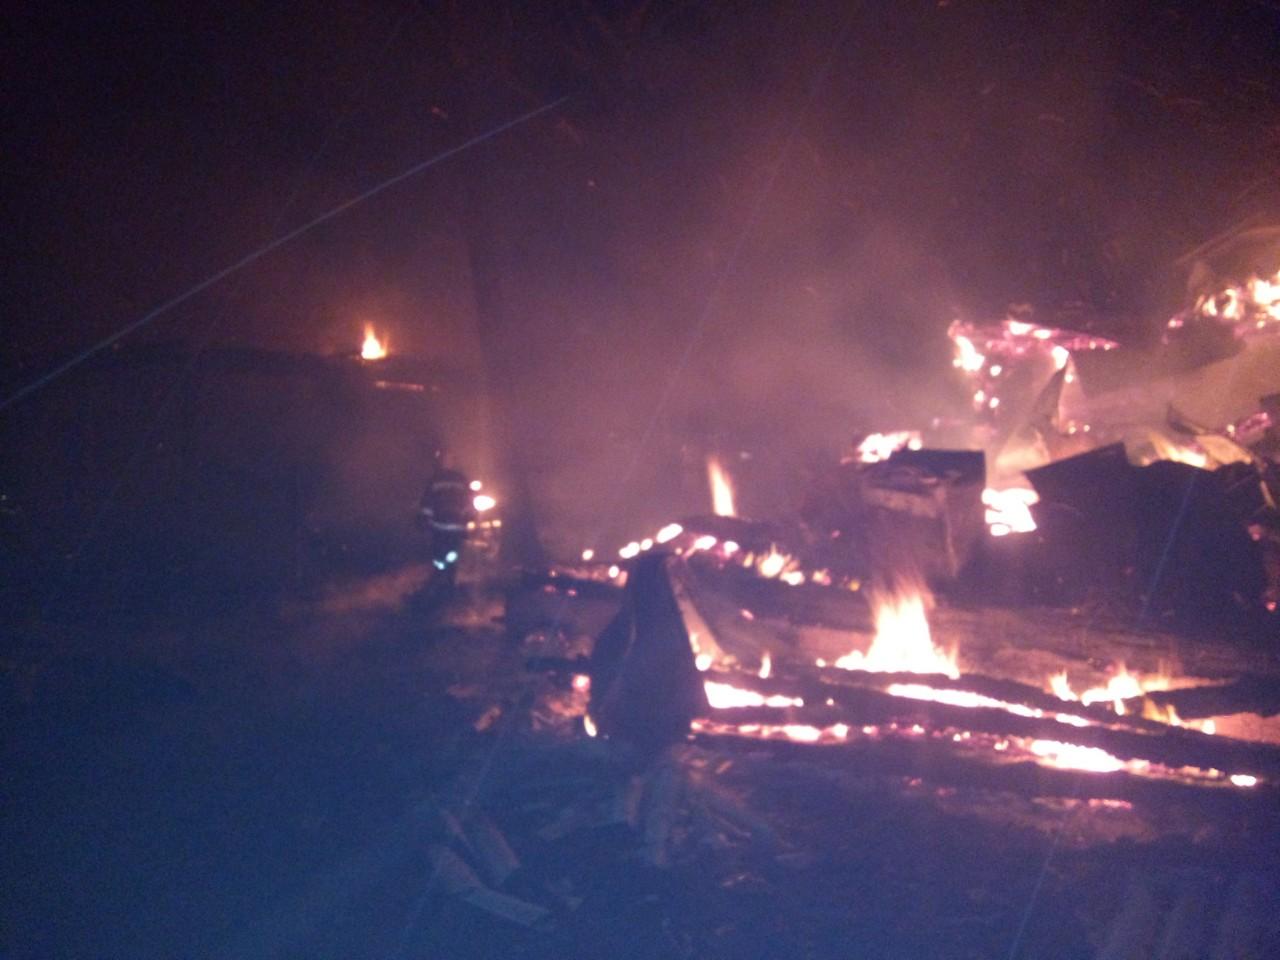 На Іванківщині в пожежі загинула людина -  - 0 02 07 9f7b8050fd5b69fc3dcc05e9d6d2c3419478ce06adaac909506278dc7555807a aba17a1a